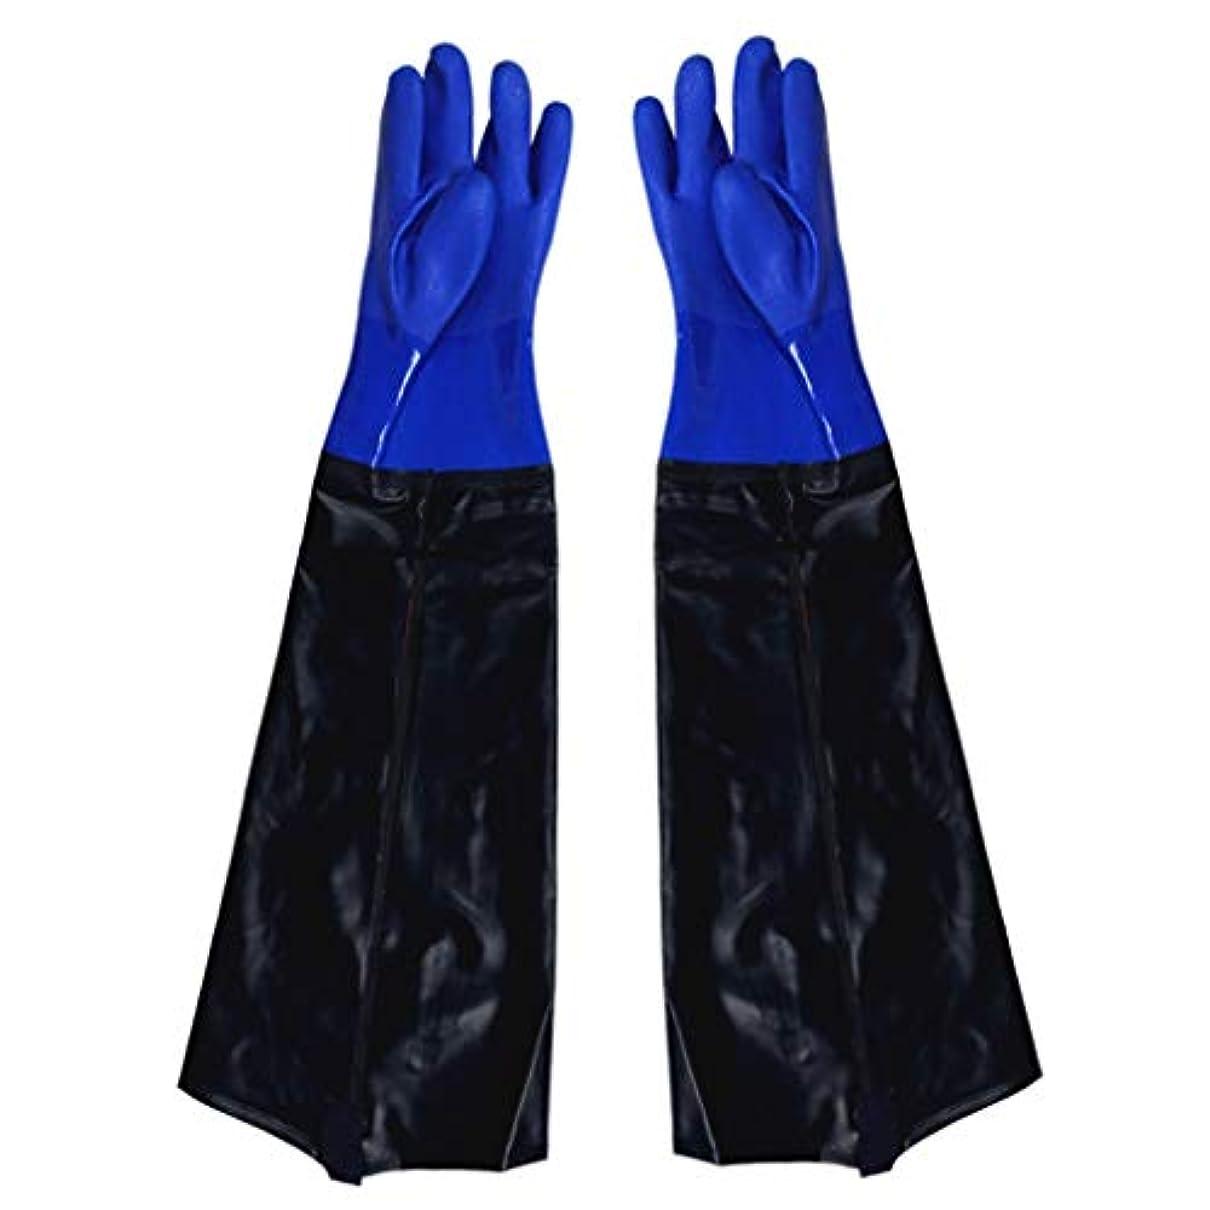 シャッター独立した独立したゴム手袋 - 漁業に強い耐久性のある酸とアルカリを広げることを長くすること